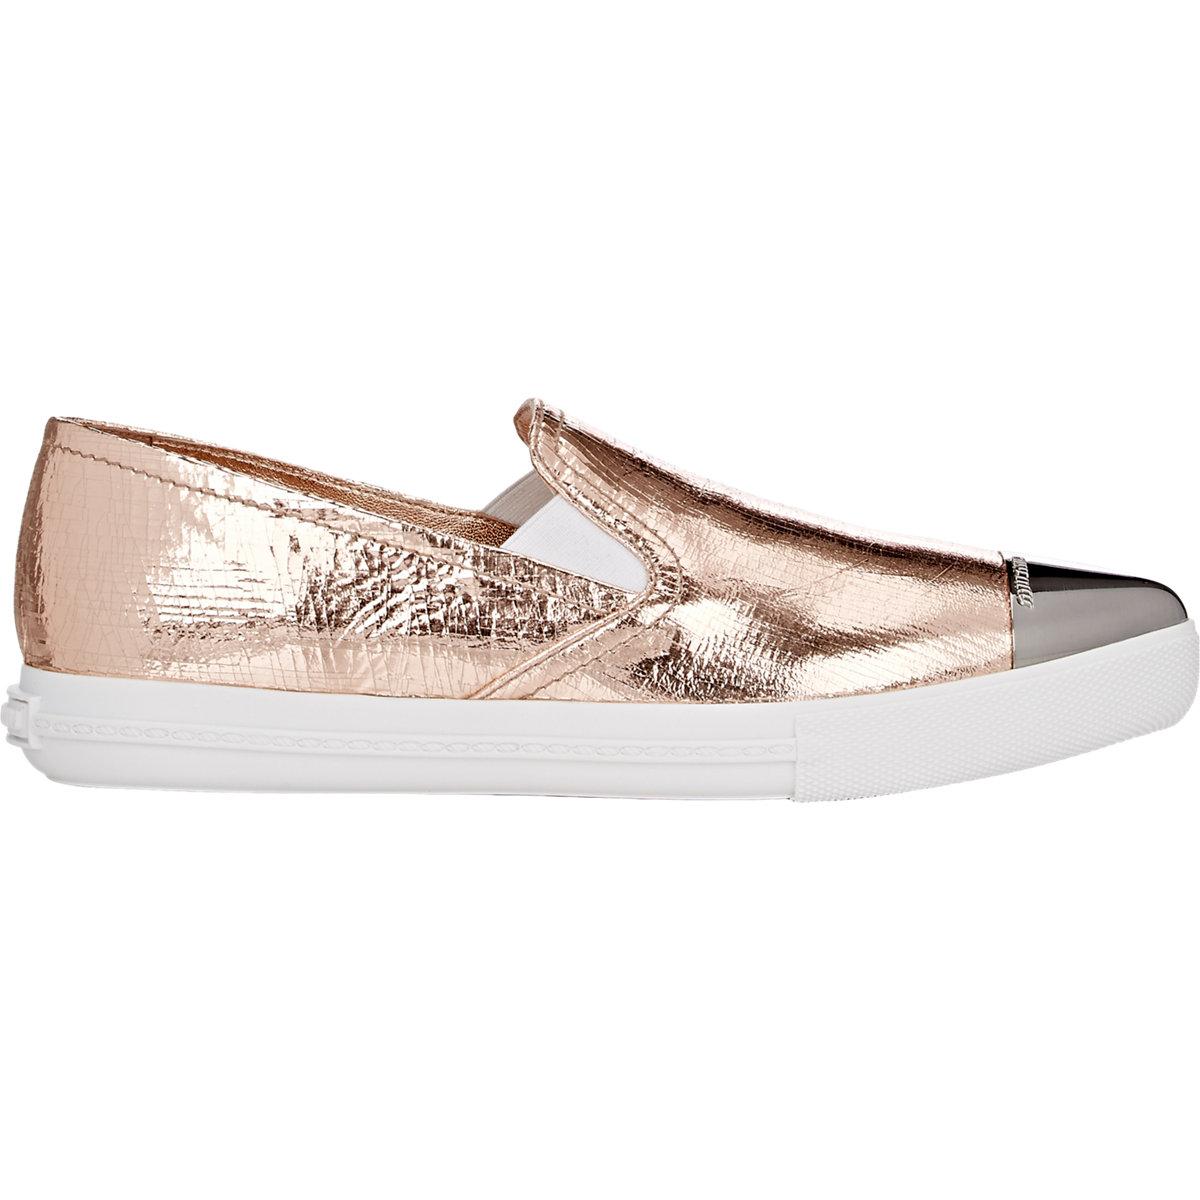 miu miu s metallic toe sport sneakers in metallic lyst